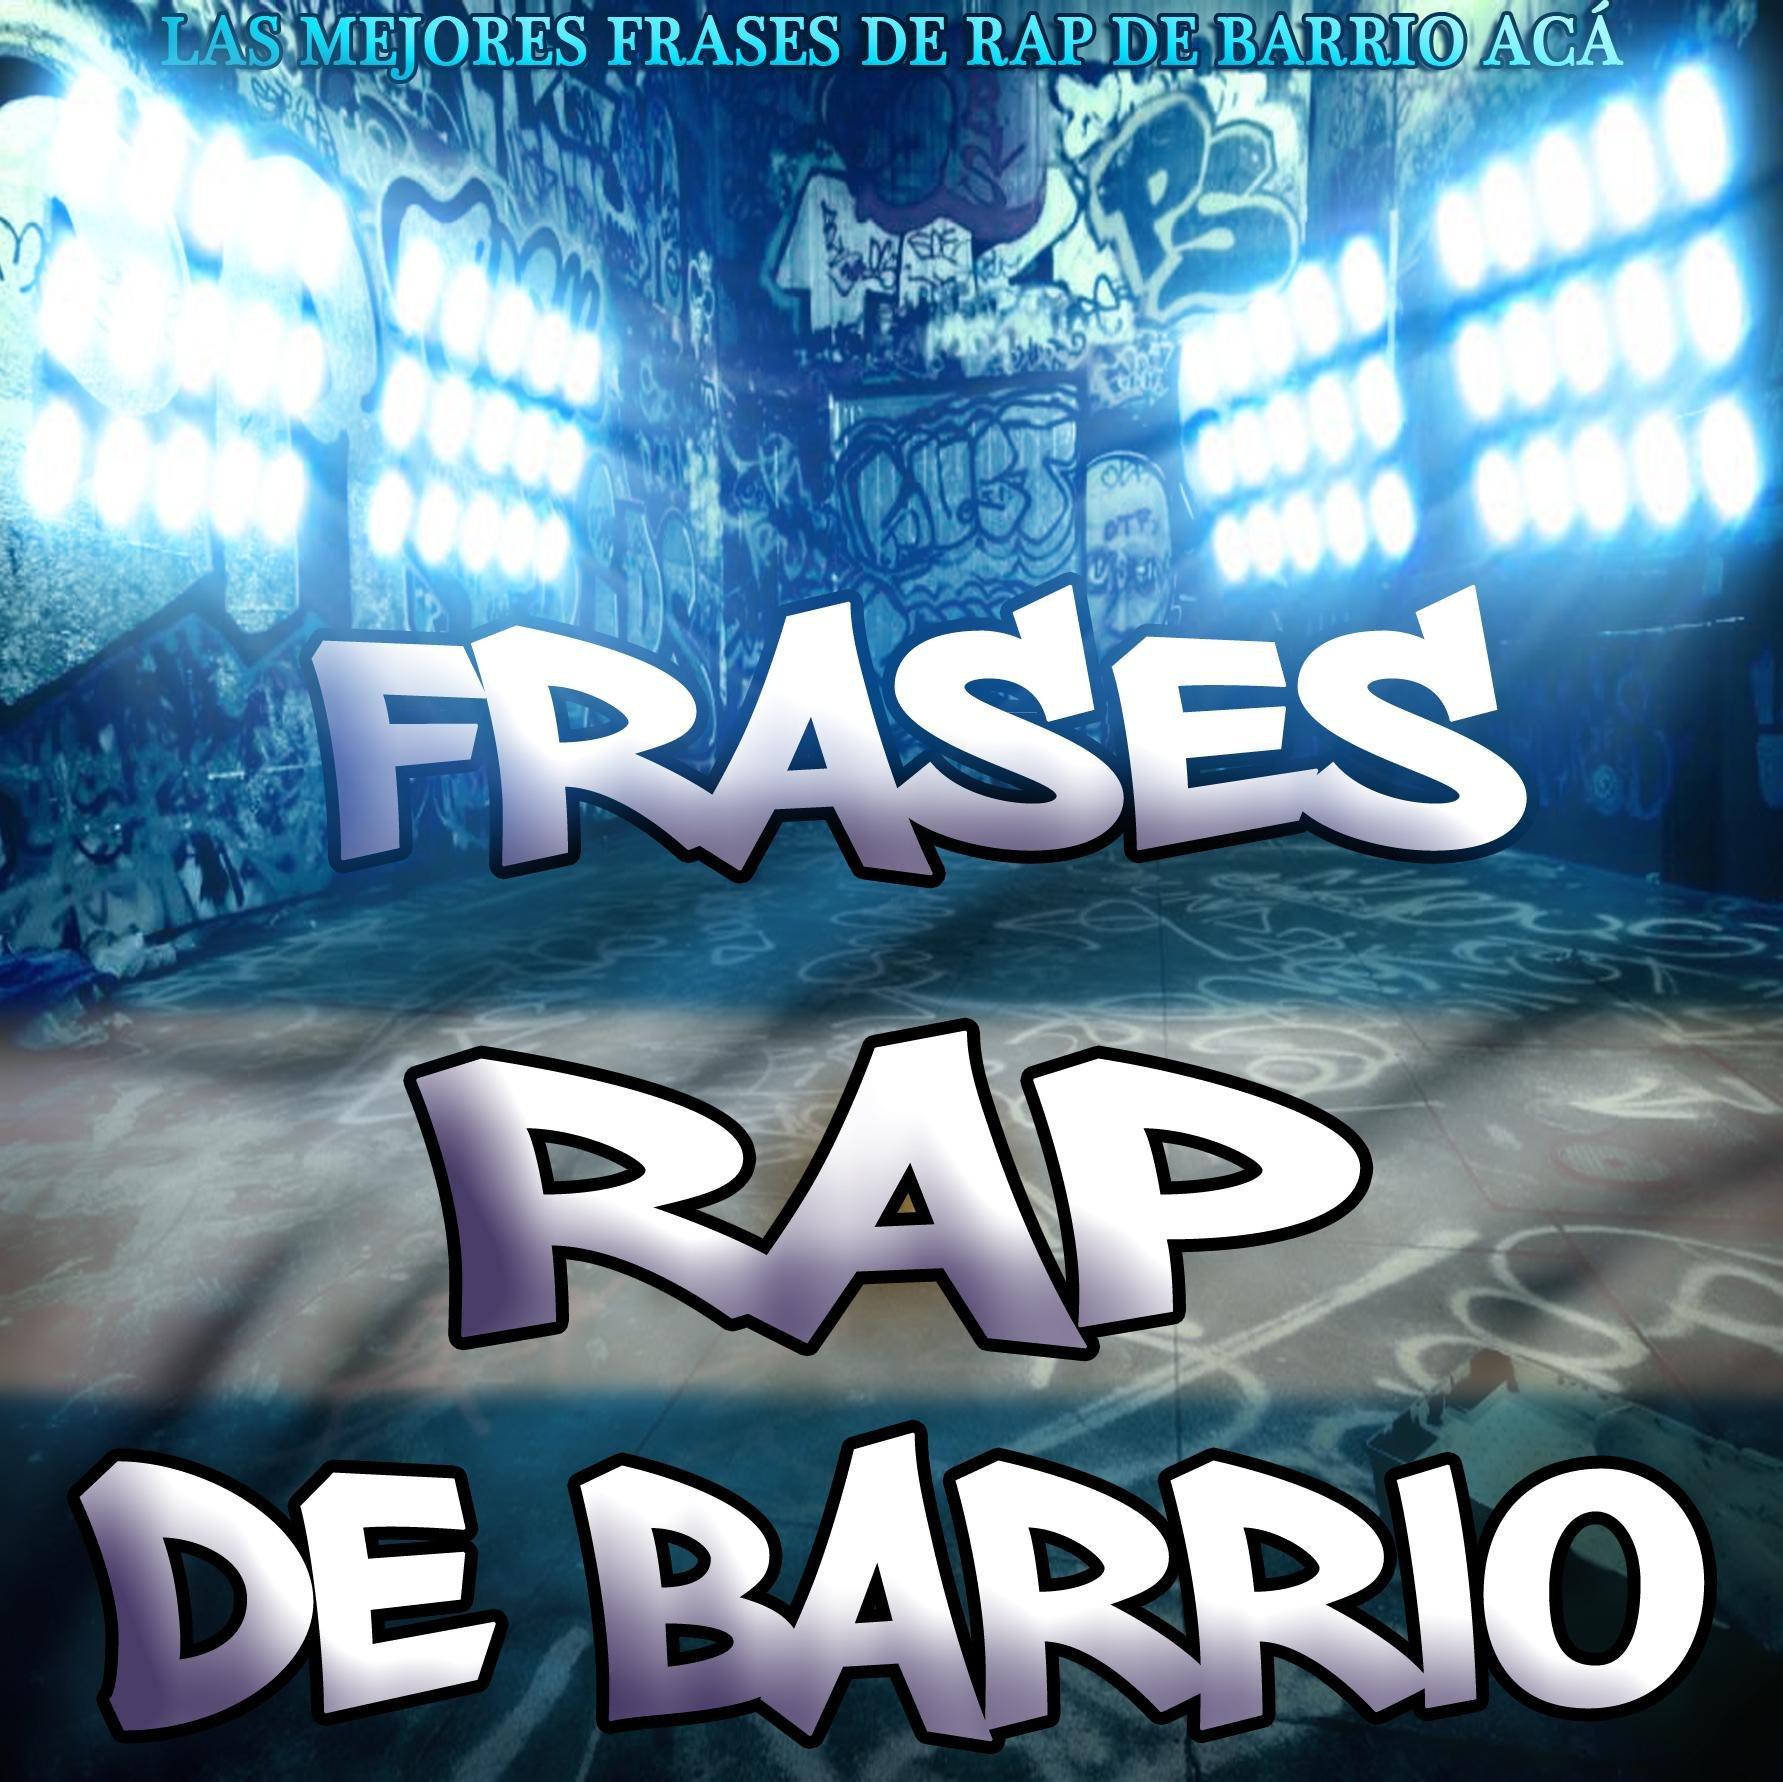 Frases Rap De Barrio At Rapdebarrio9 Twitter